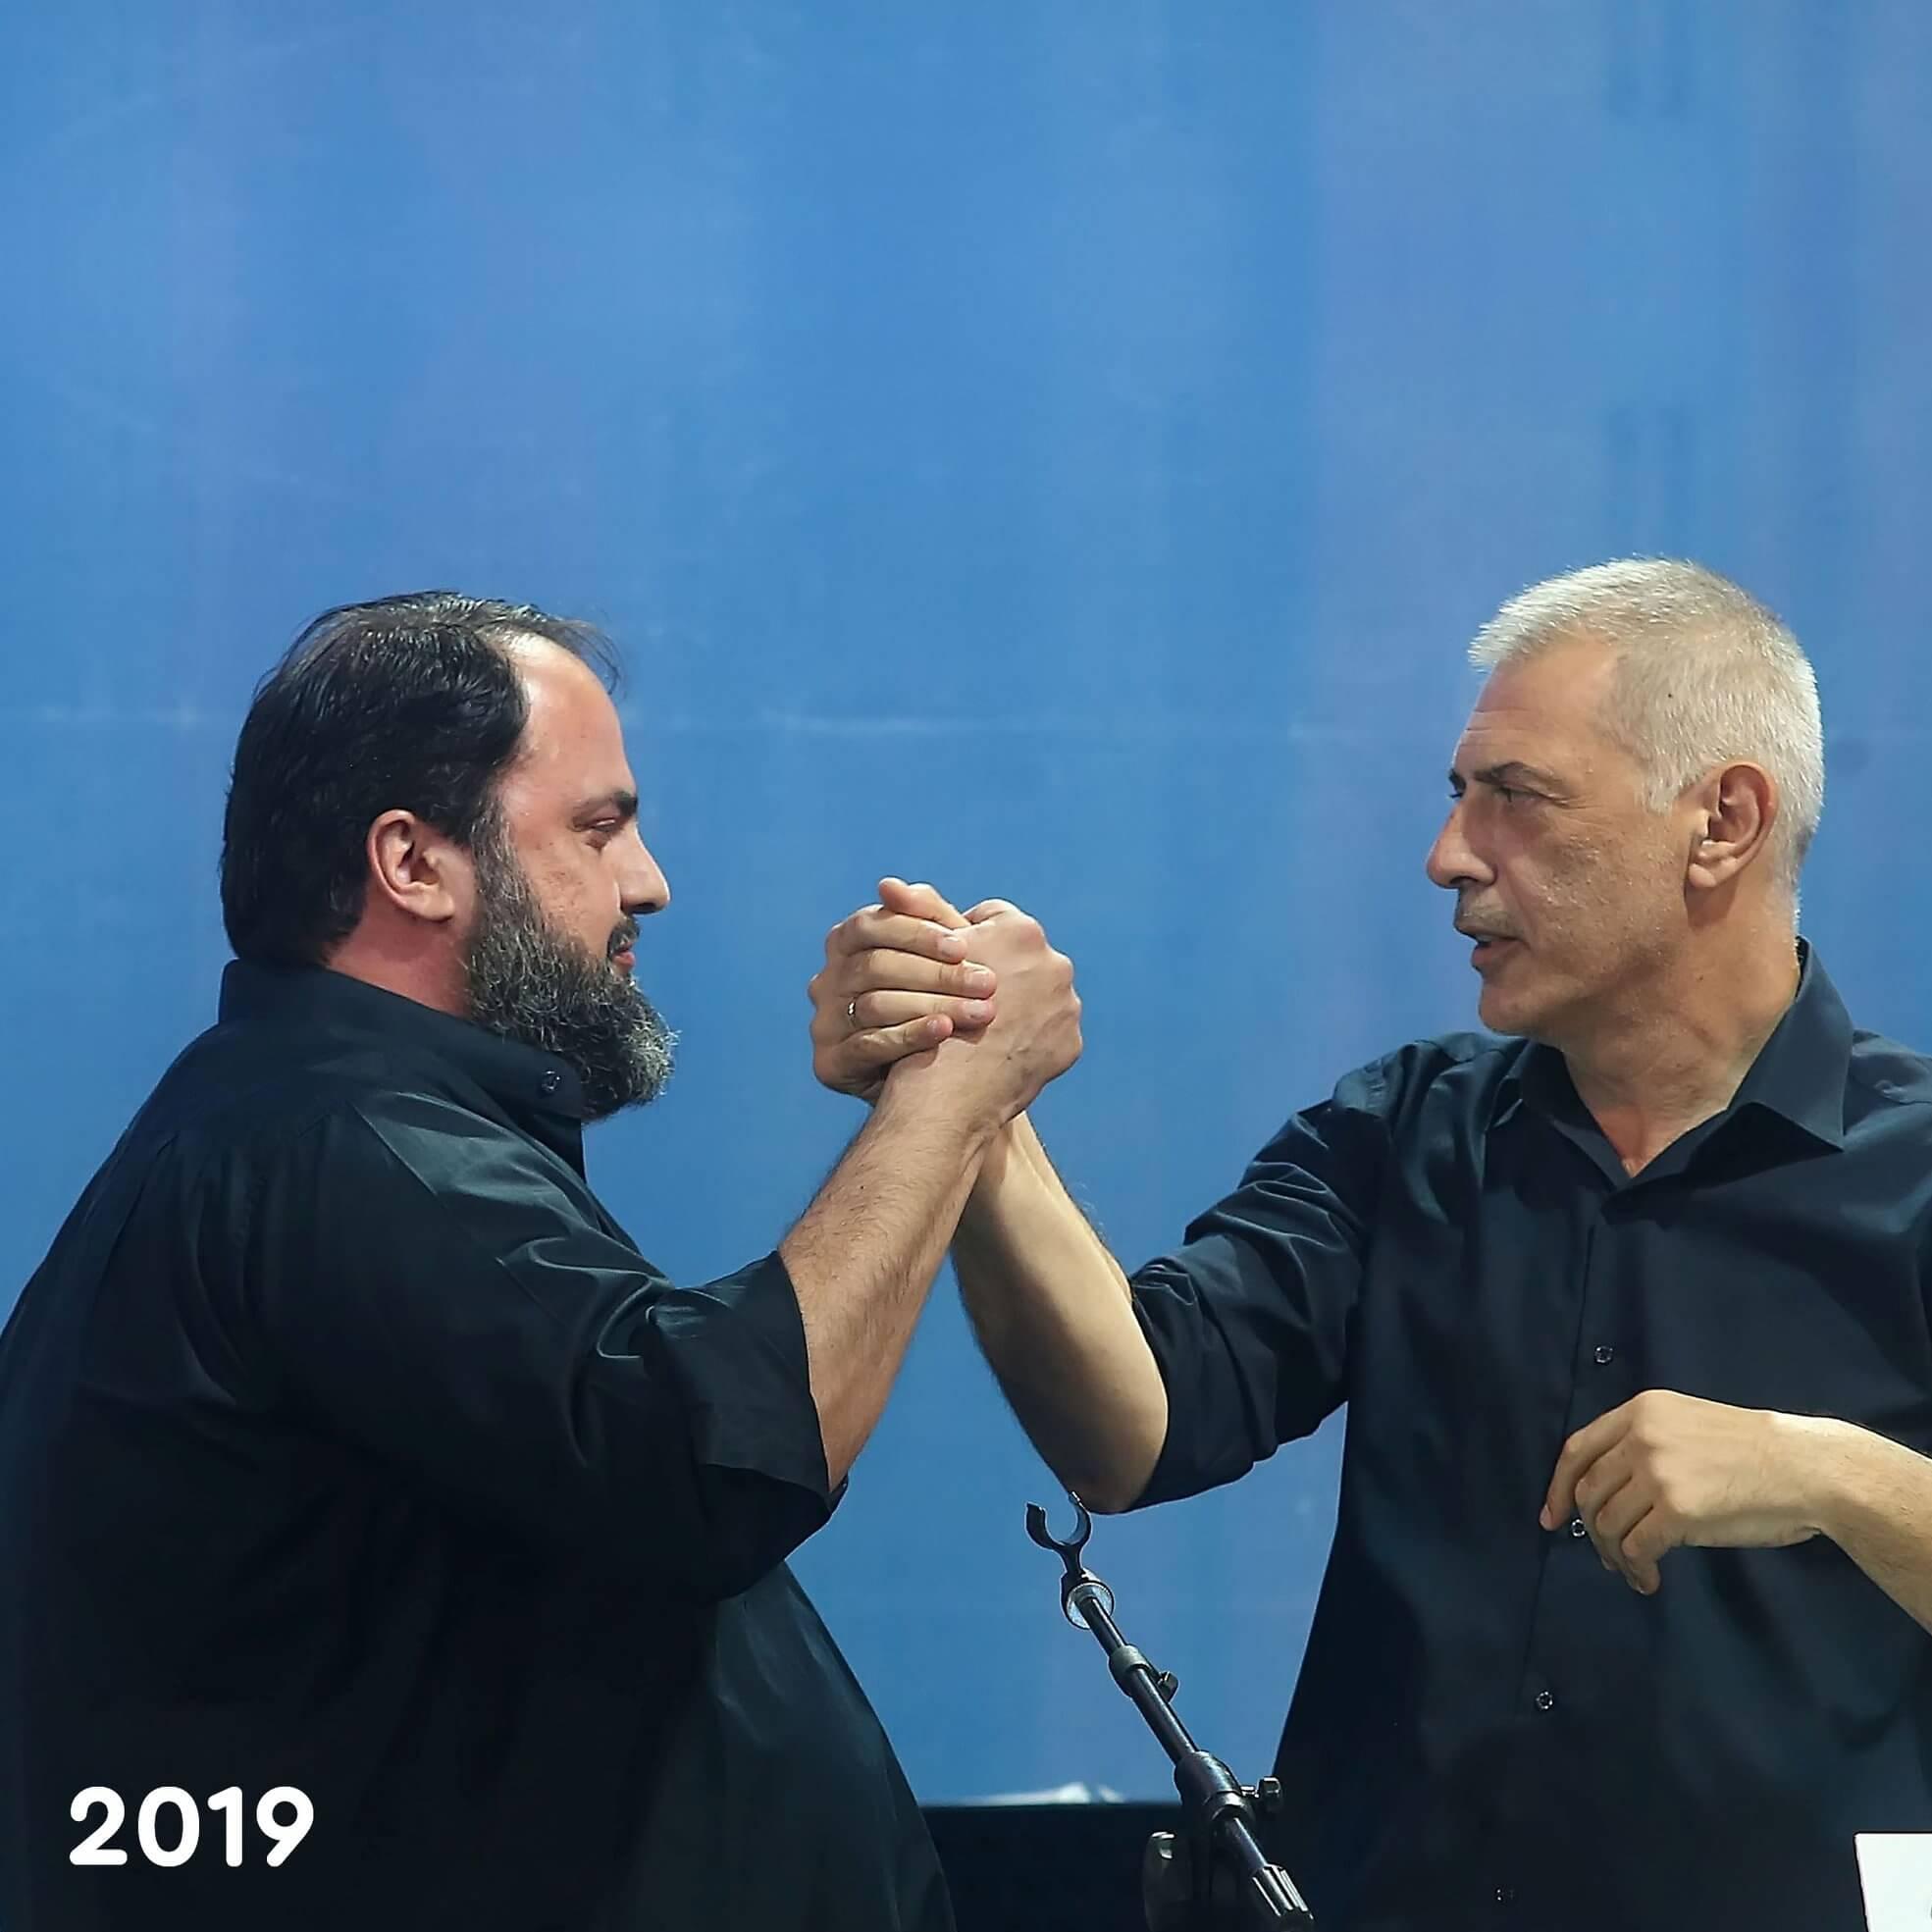 Γιάννης Μώραλης: Δυο χρόνια από τις Δημοτικές εκλογές του 2019